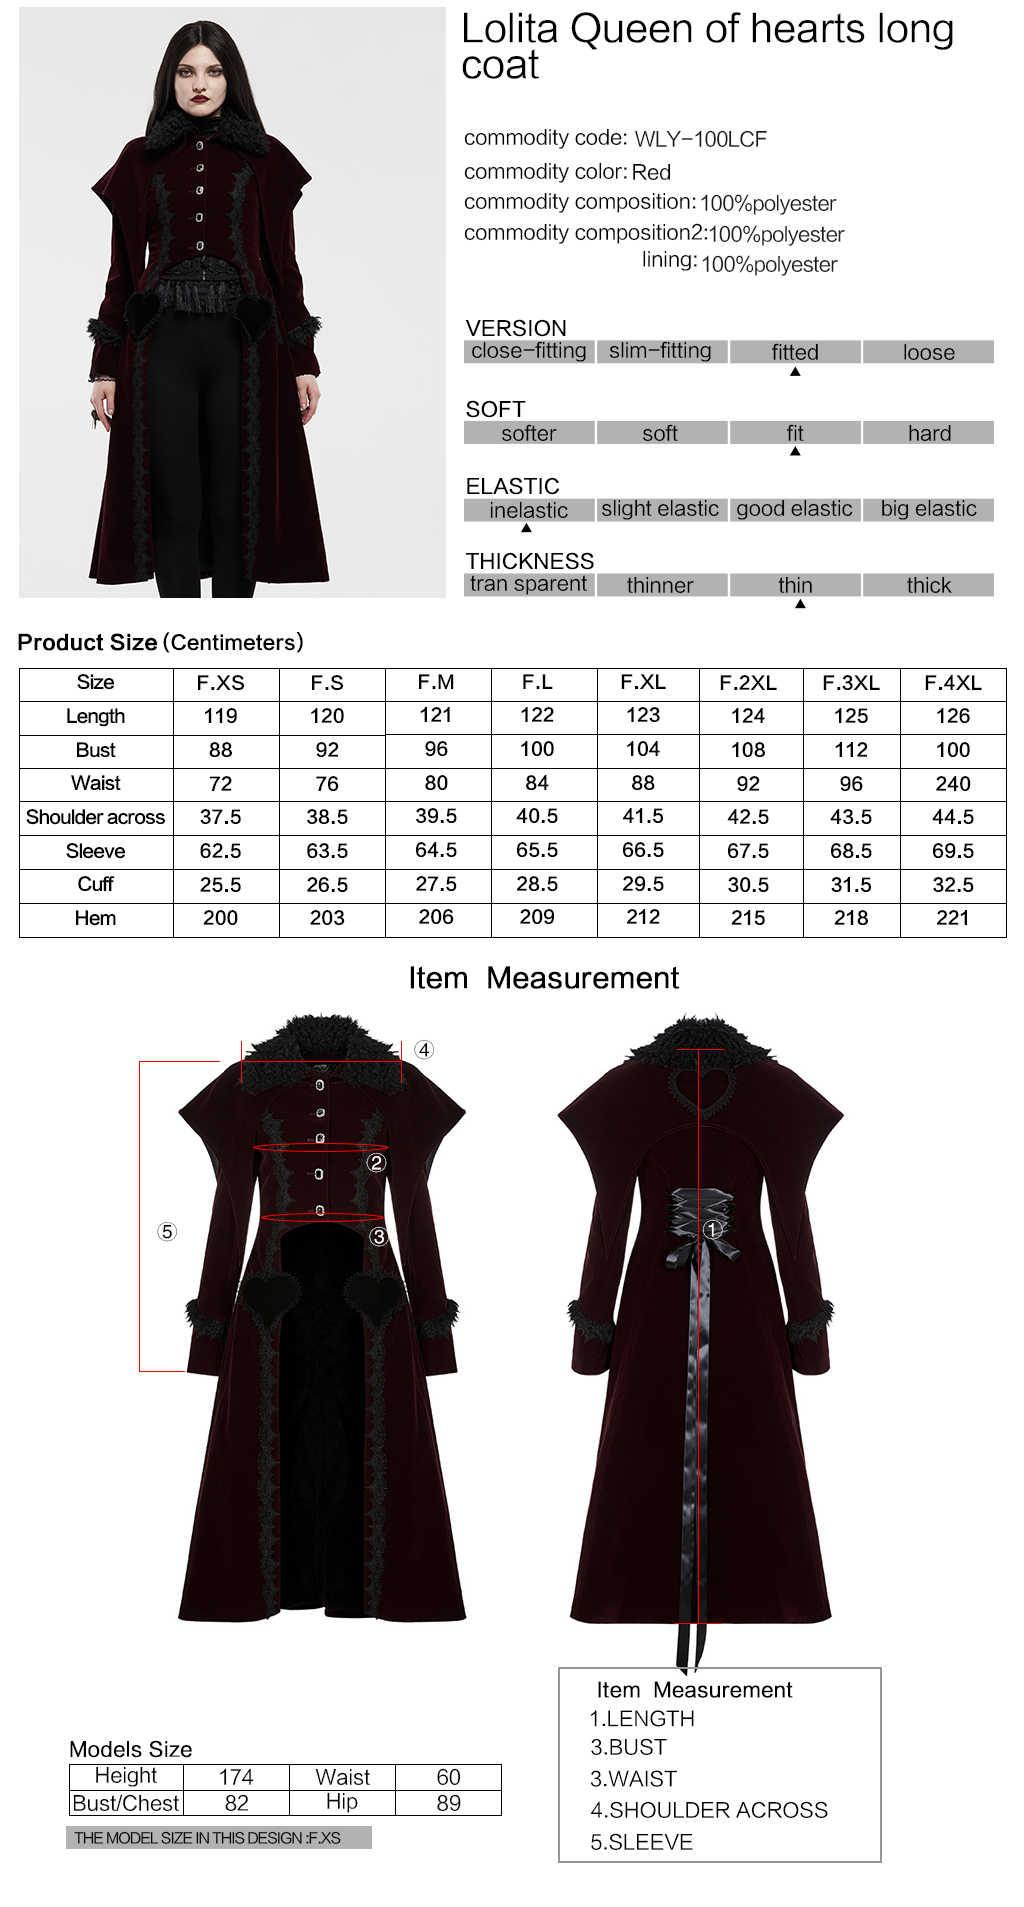 Женская винтажная длинная куртка «Королева сердец» «Виктория готика» в стиле «Лолита» со съемным меховым воротником, вечерние платья